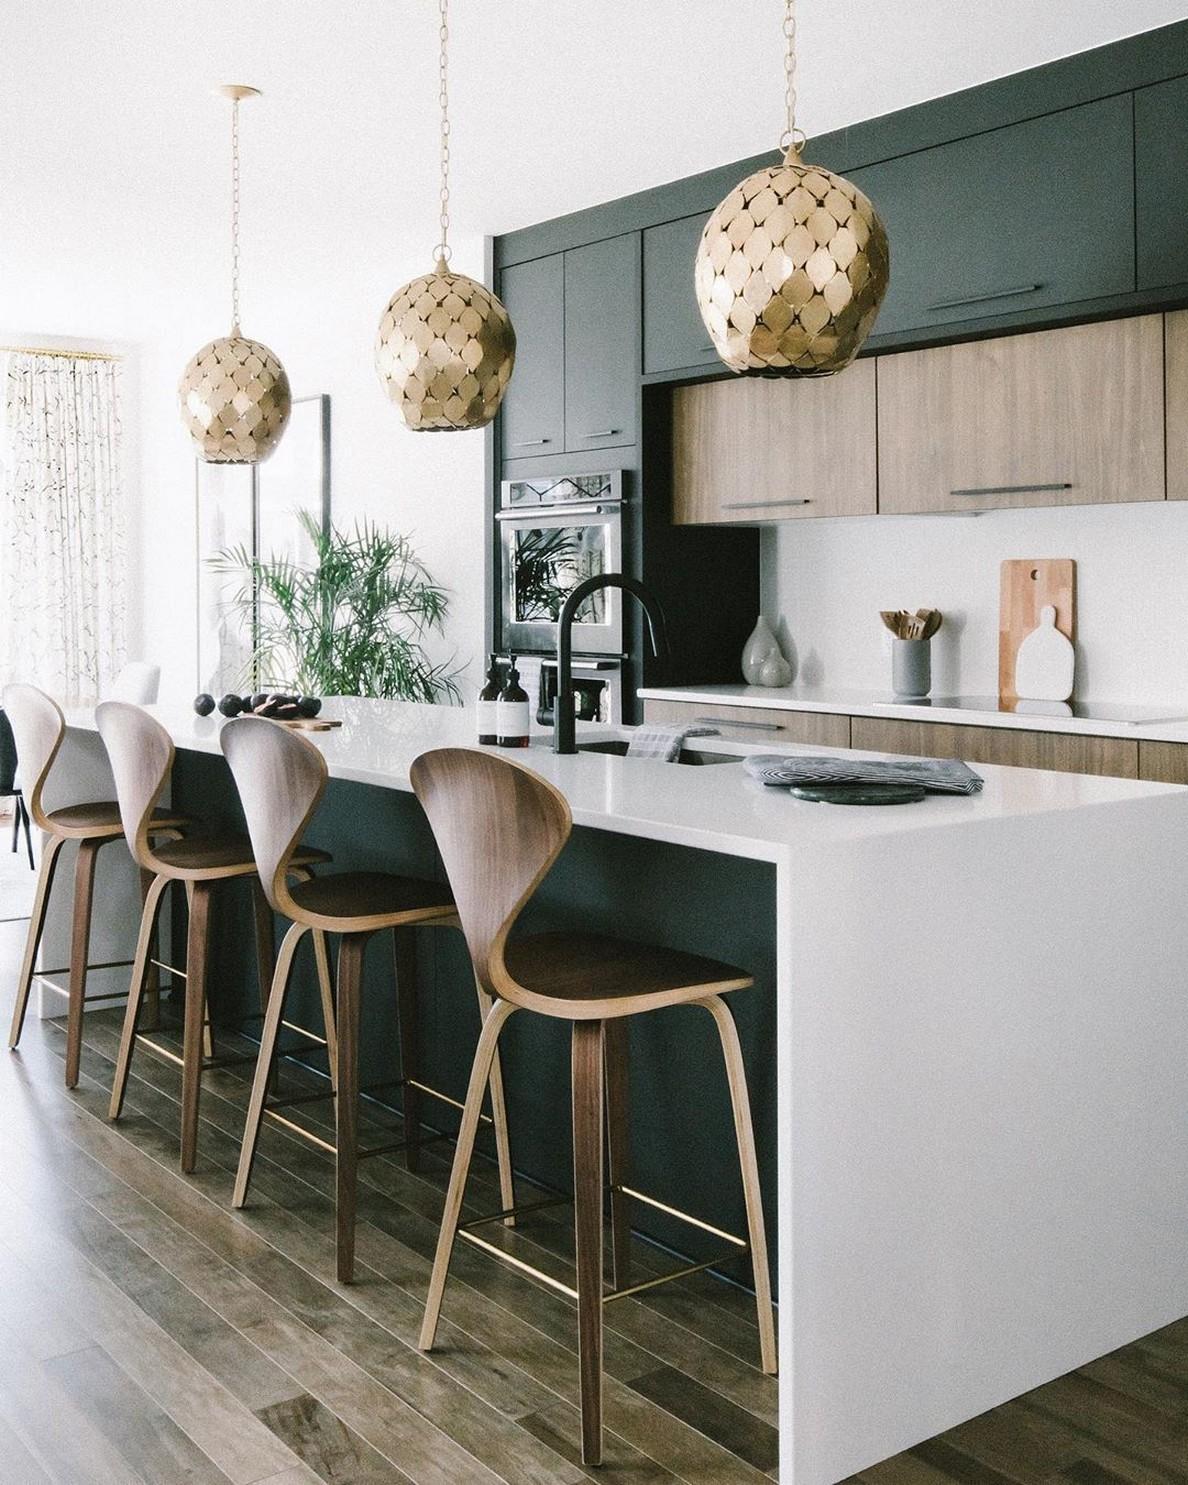 86 Modern Kitchen Ideas For Modern Kitchens Home Decor 22